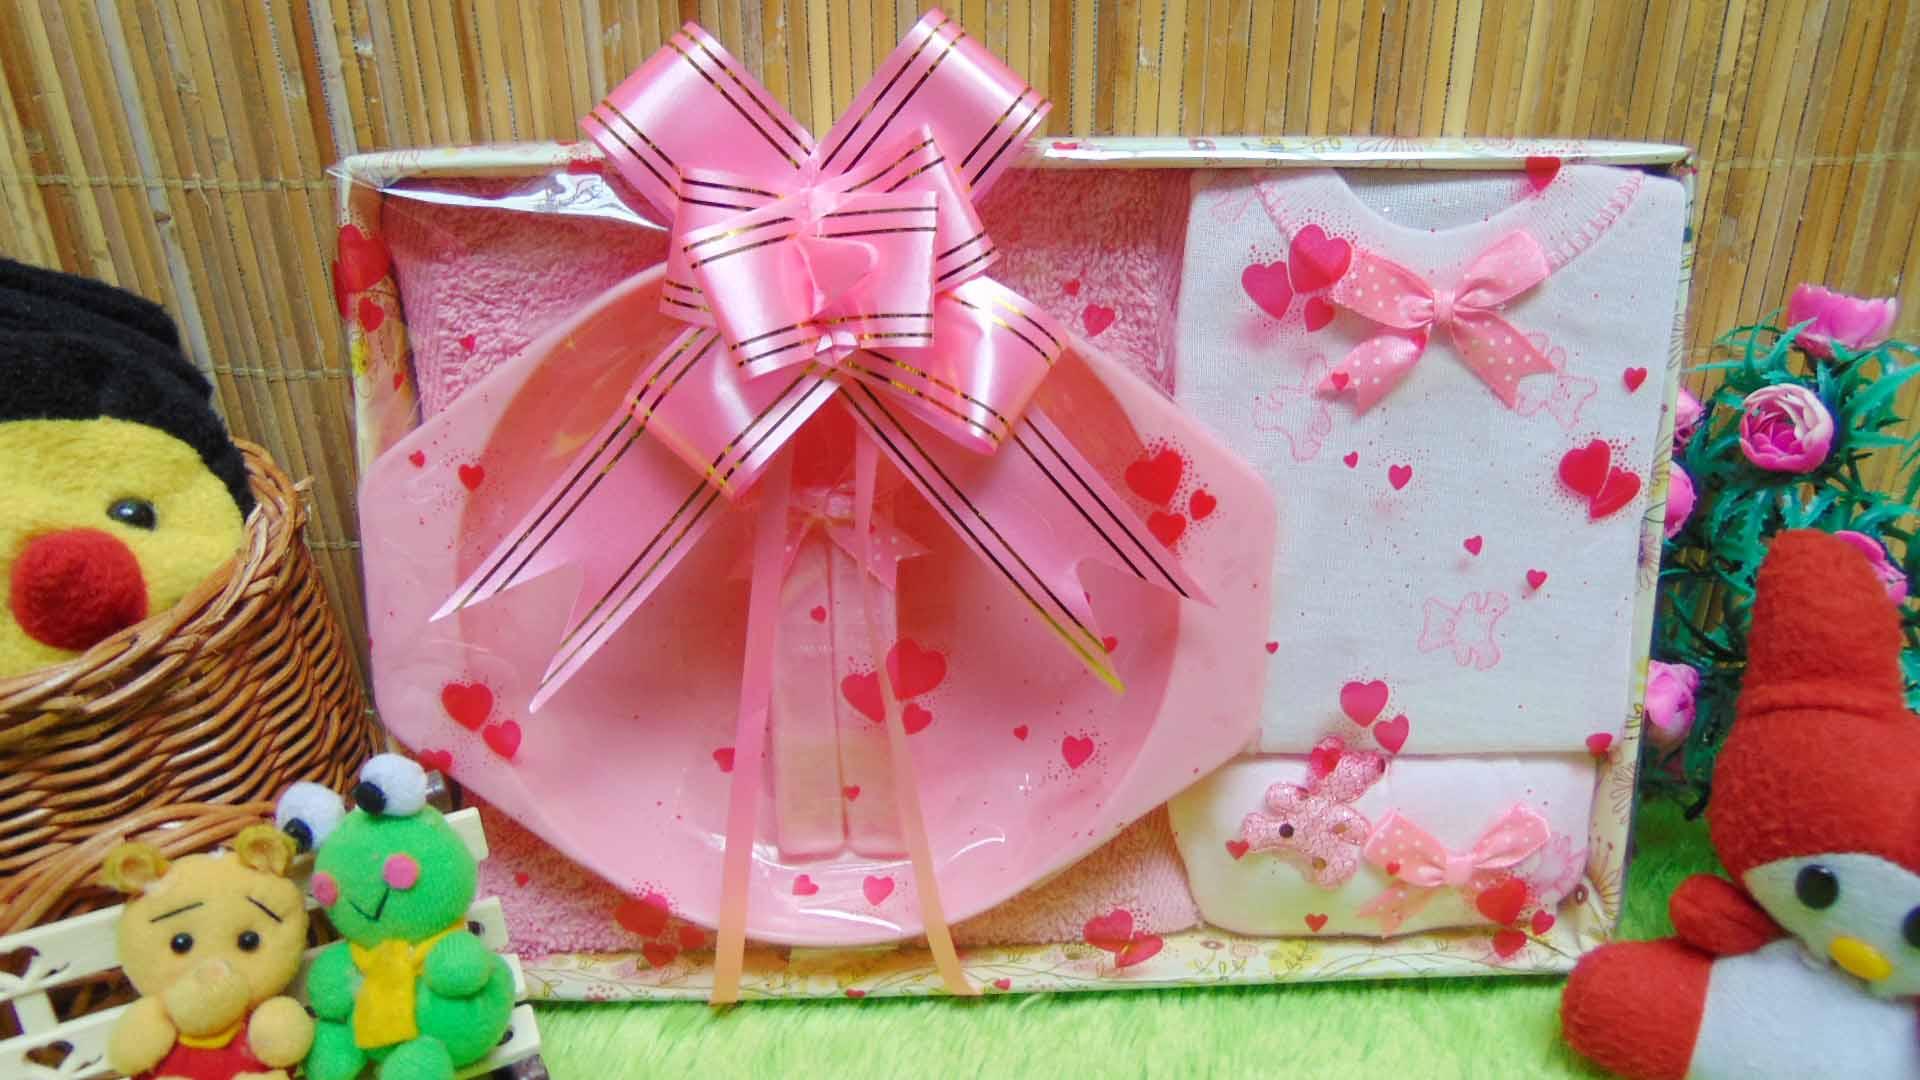 kado bayi baby gift box feeding set plus setelan kaos bayi pink